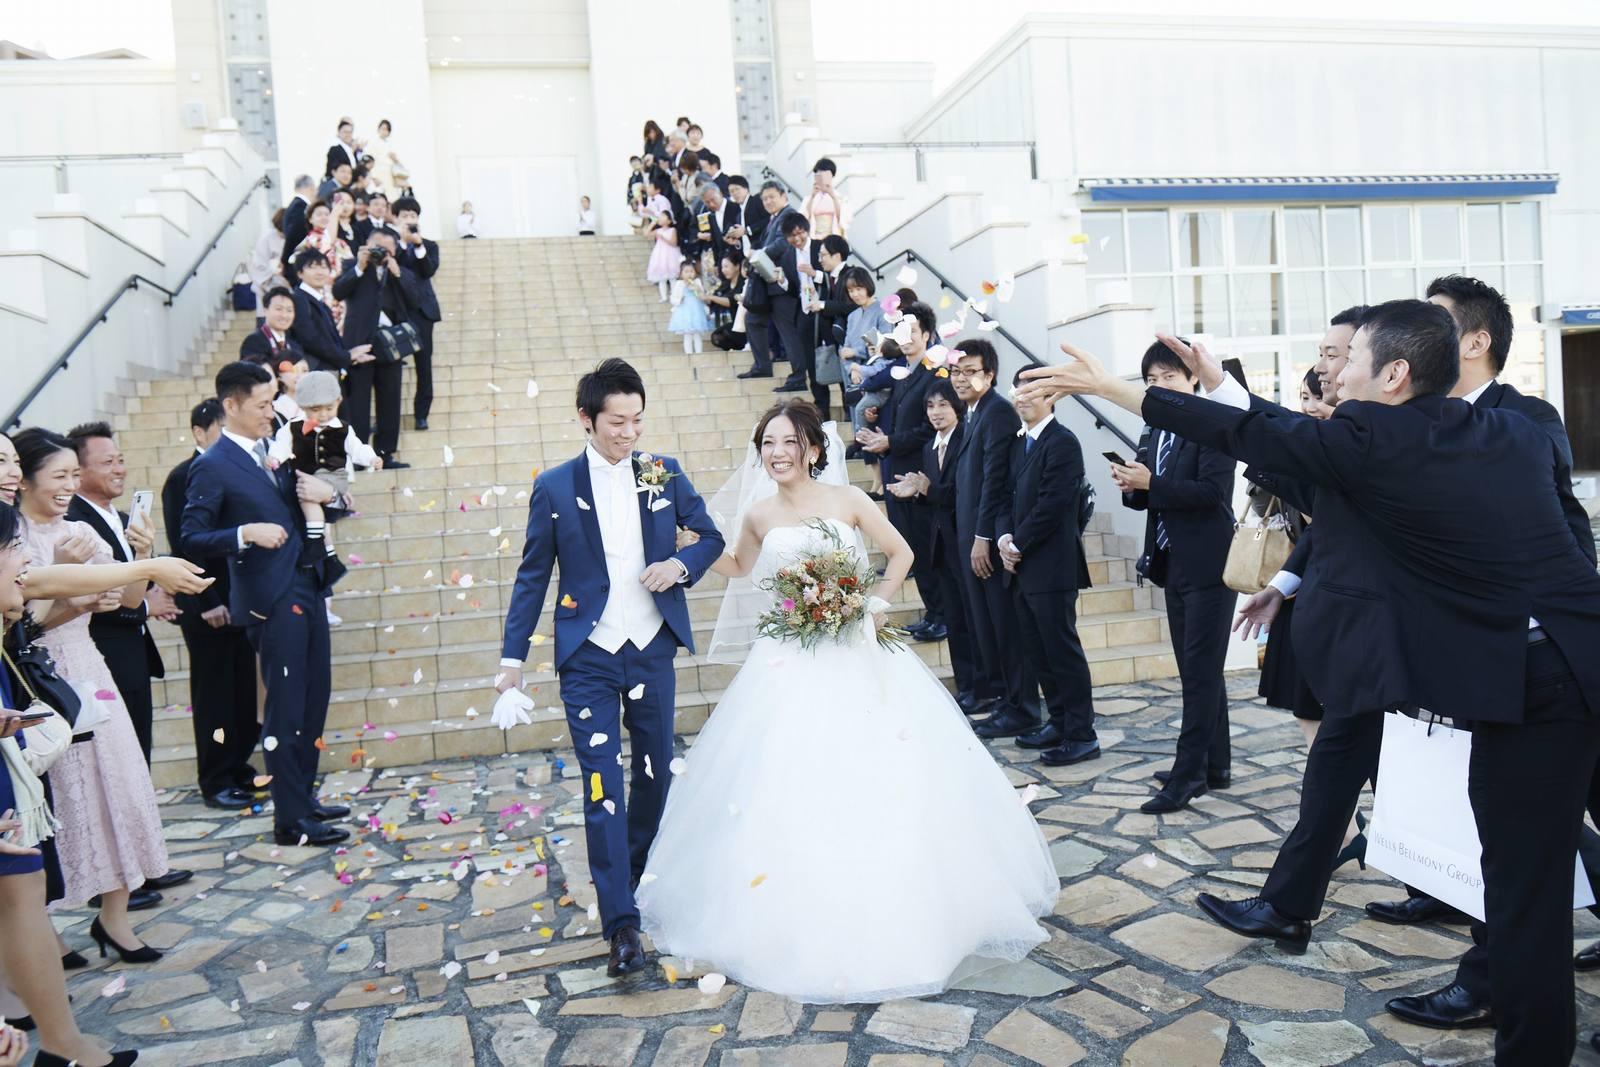 徳島県の結婚式場ブランアンジュの大階段でフラワーシャワー